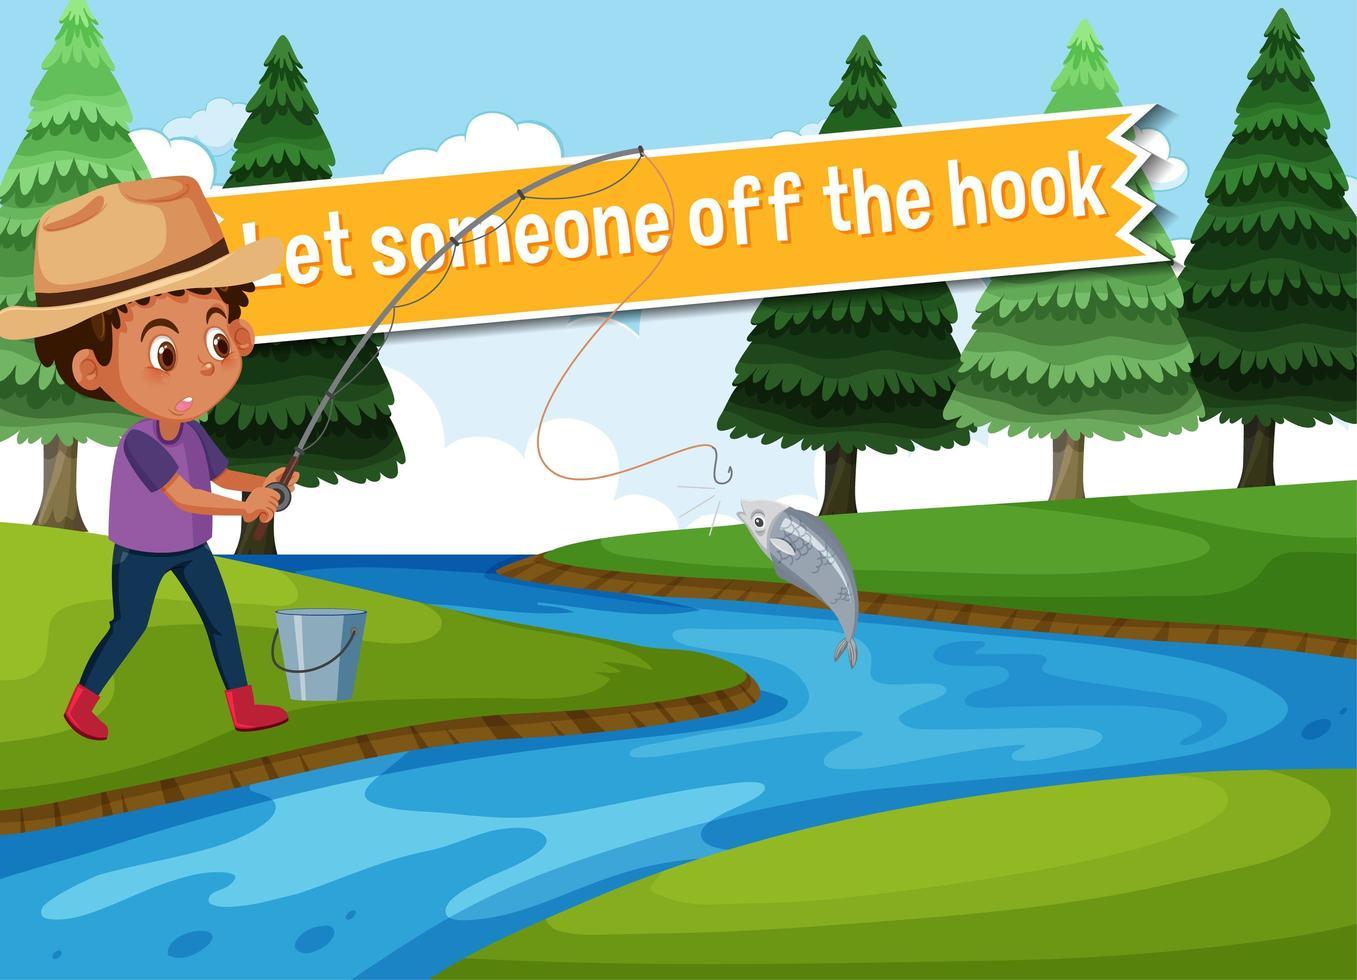 pôster idiomático com deixar alguém fora de perigo vetor